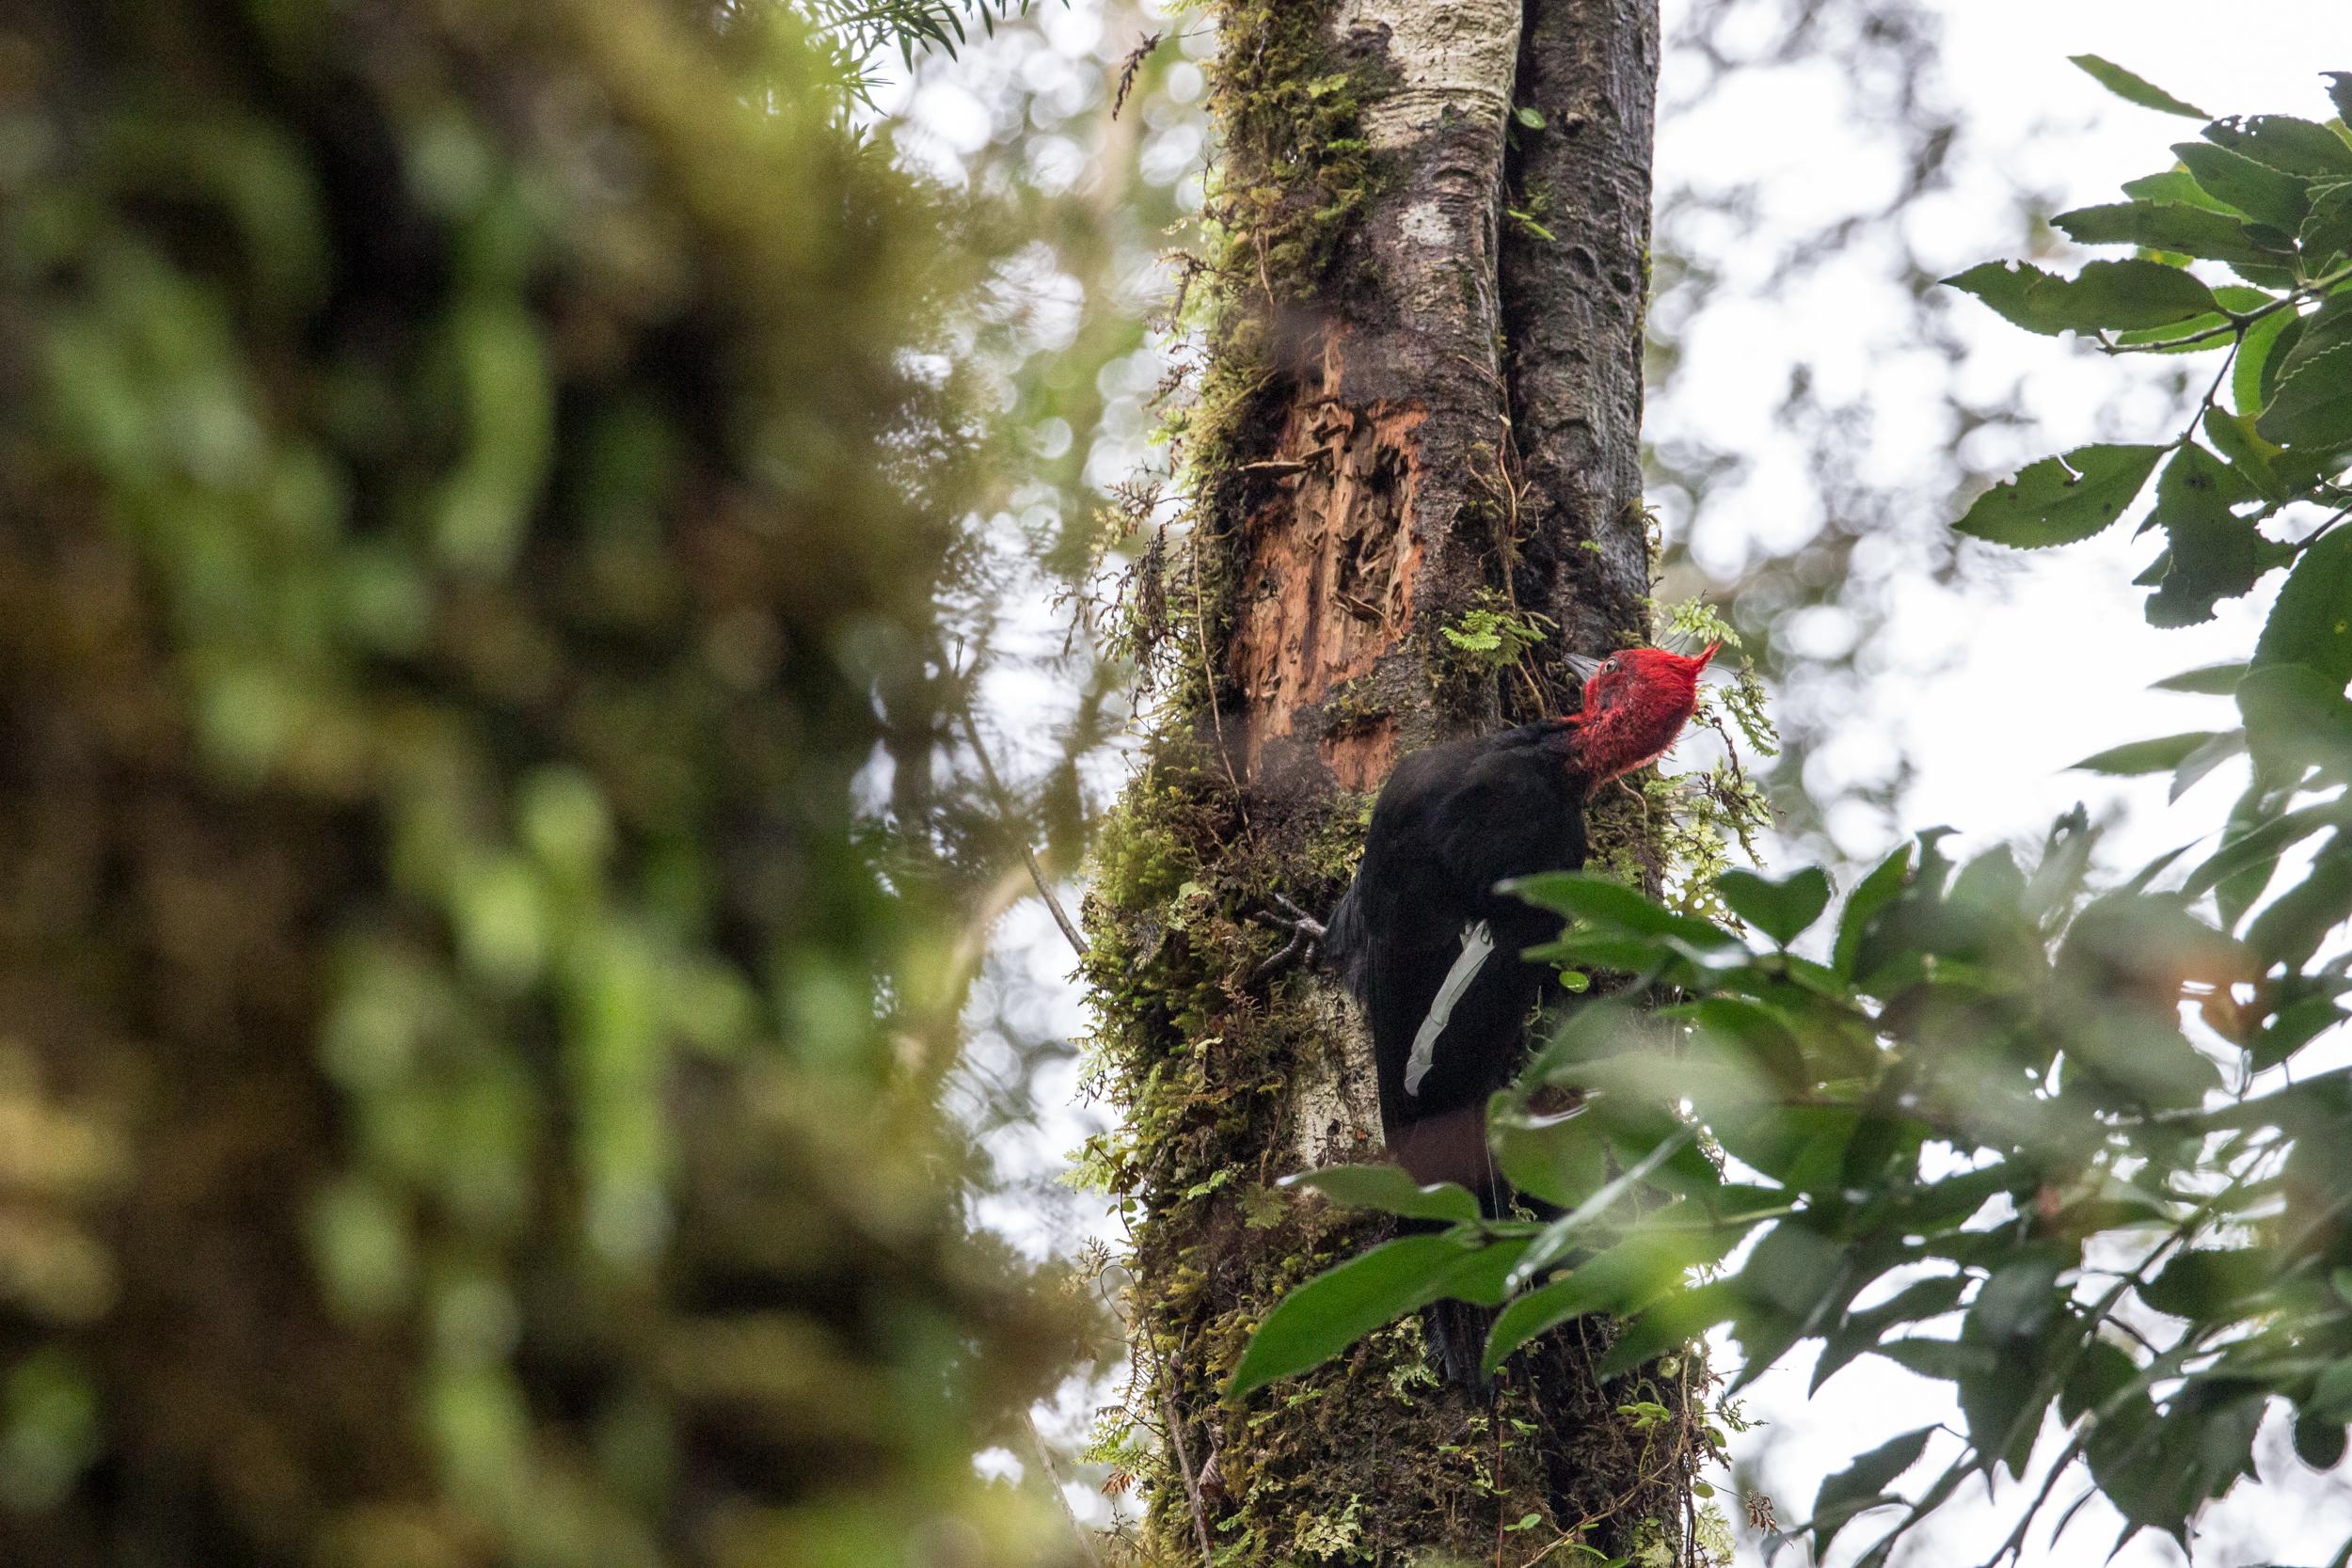 A male Magellanic woodpecker